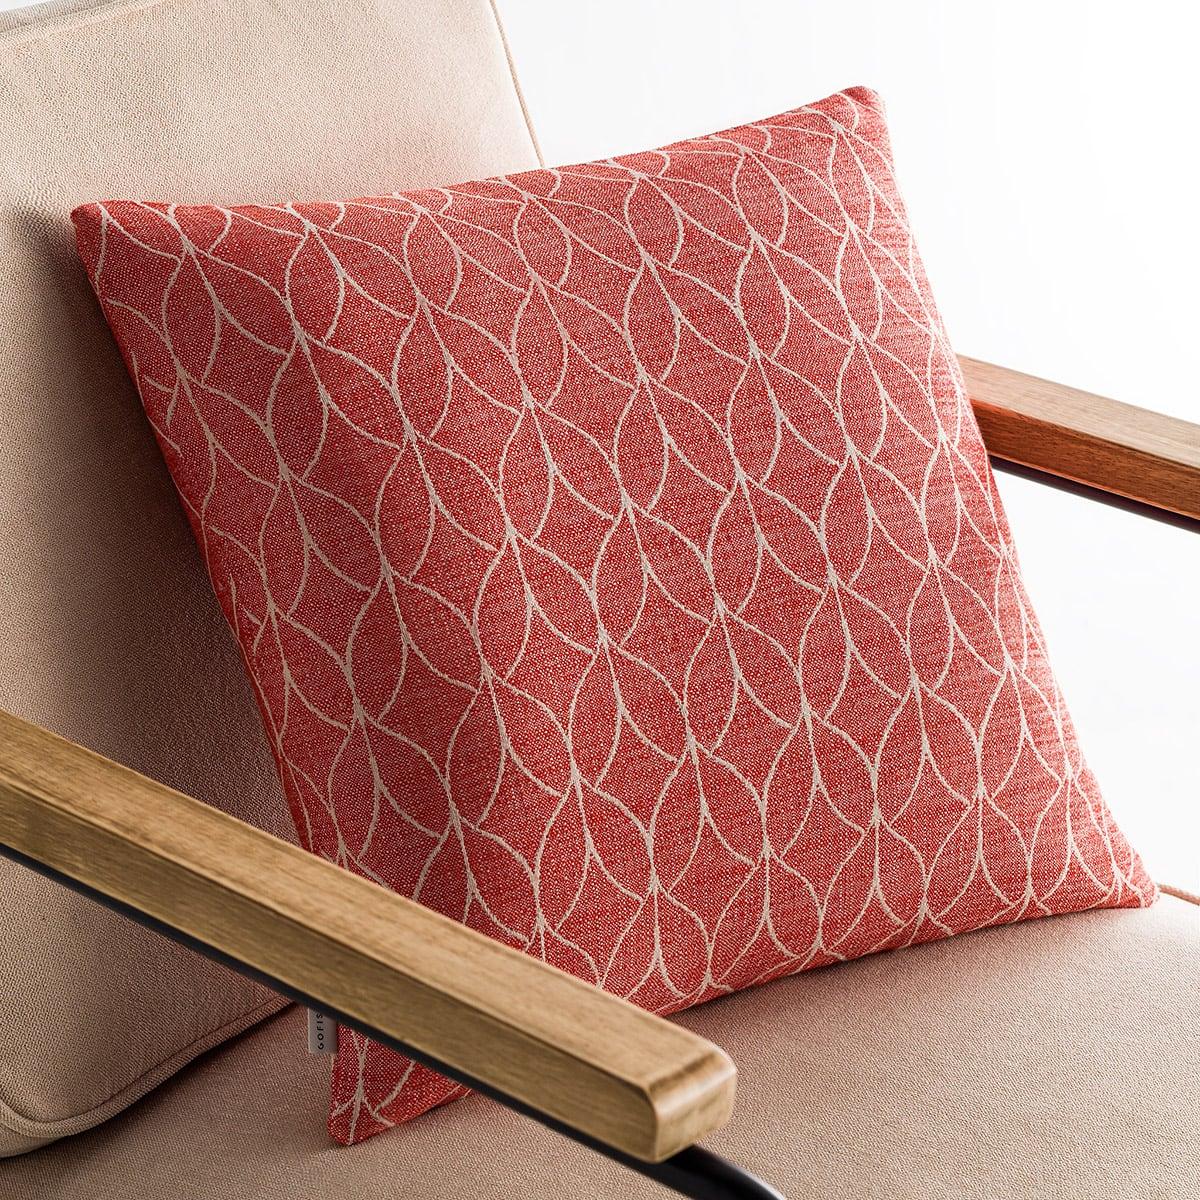 Μαξιλαροθήκη Διακοσμητική Lumien Red 517/02 Gofis Home 50X50 Βαμβάκι-Polyester